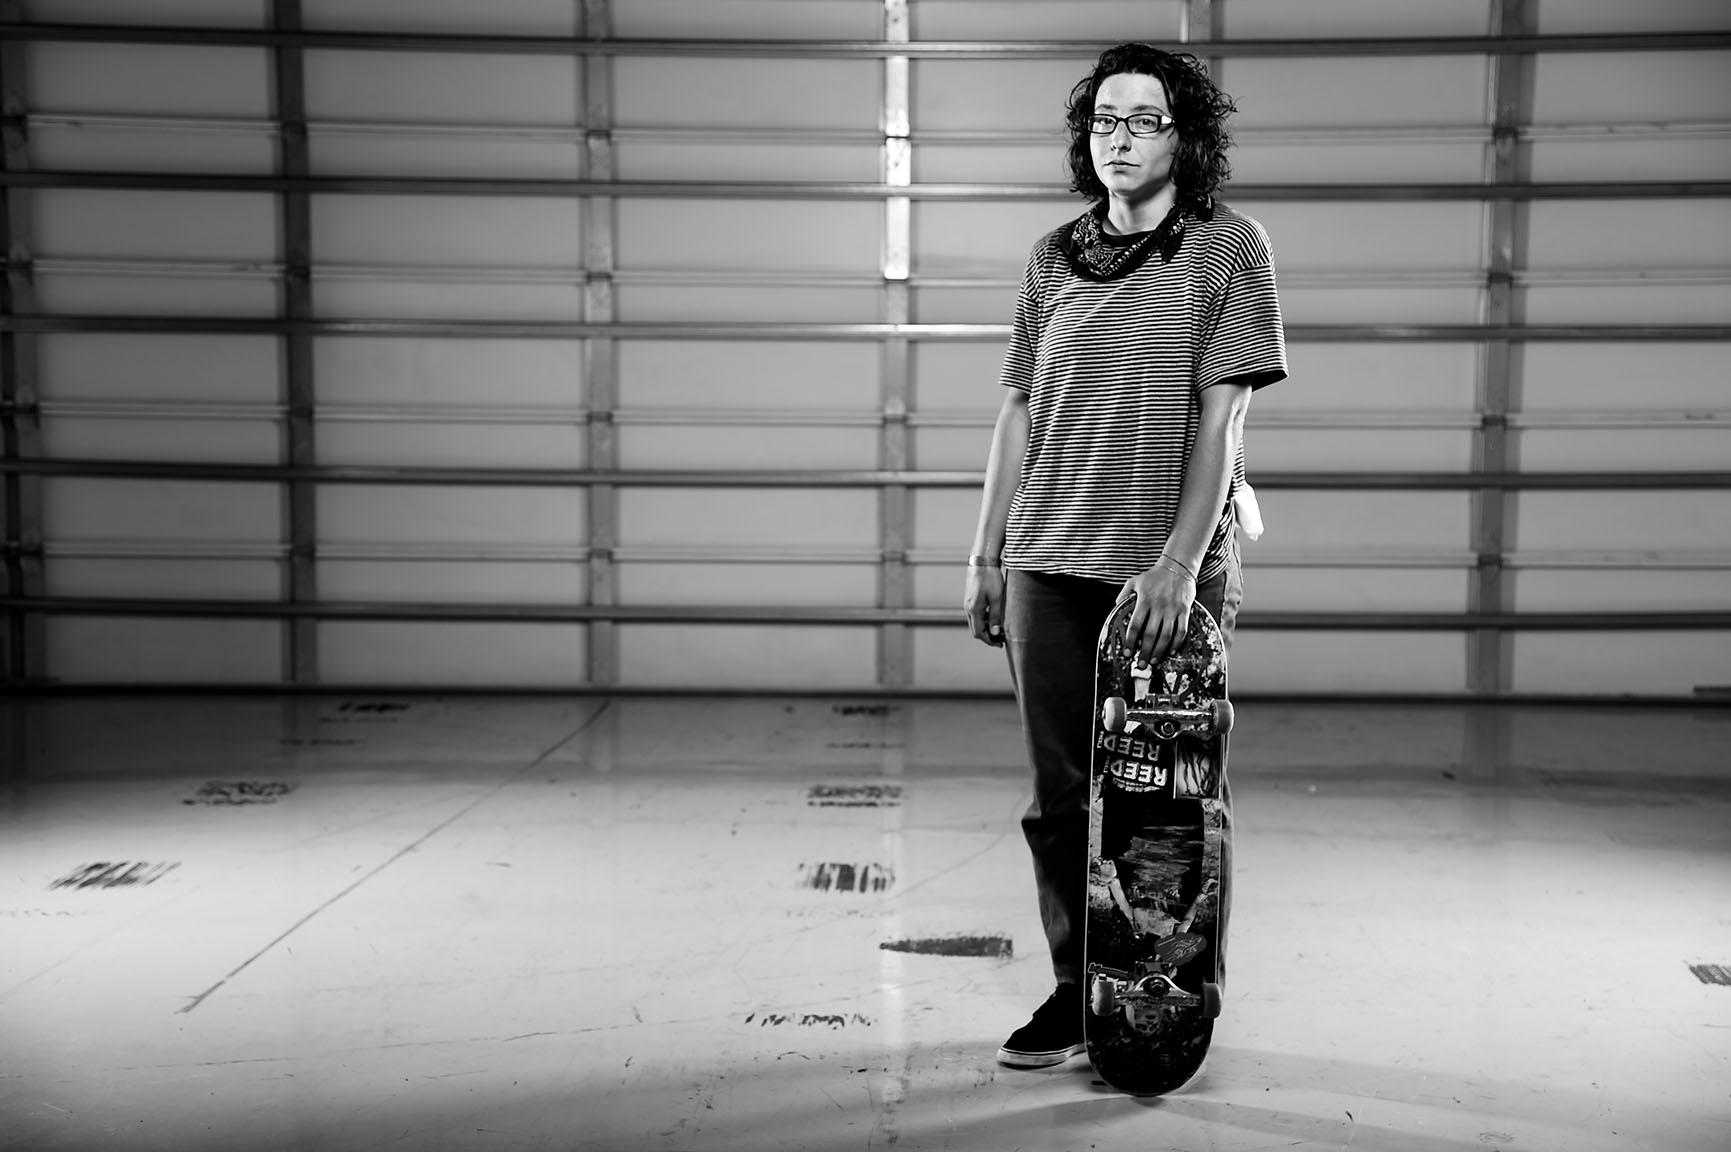 Marisa Dal Santo, Skateboarder